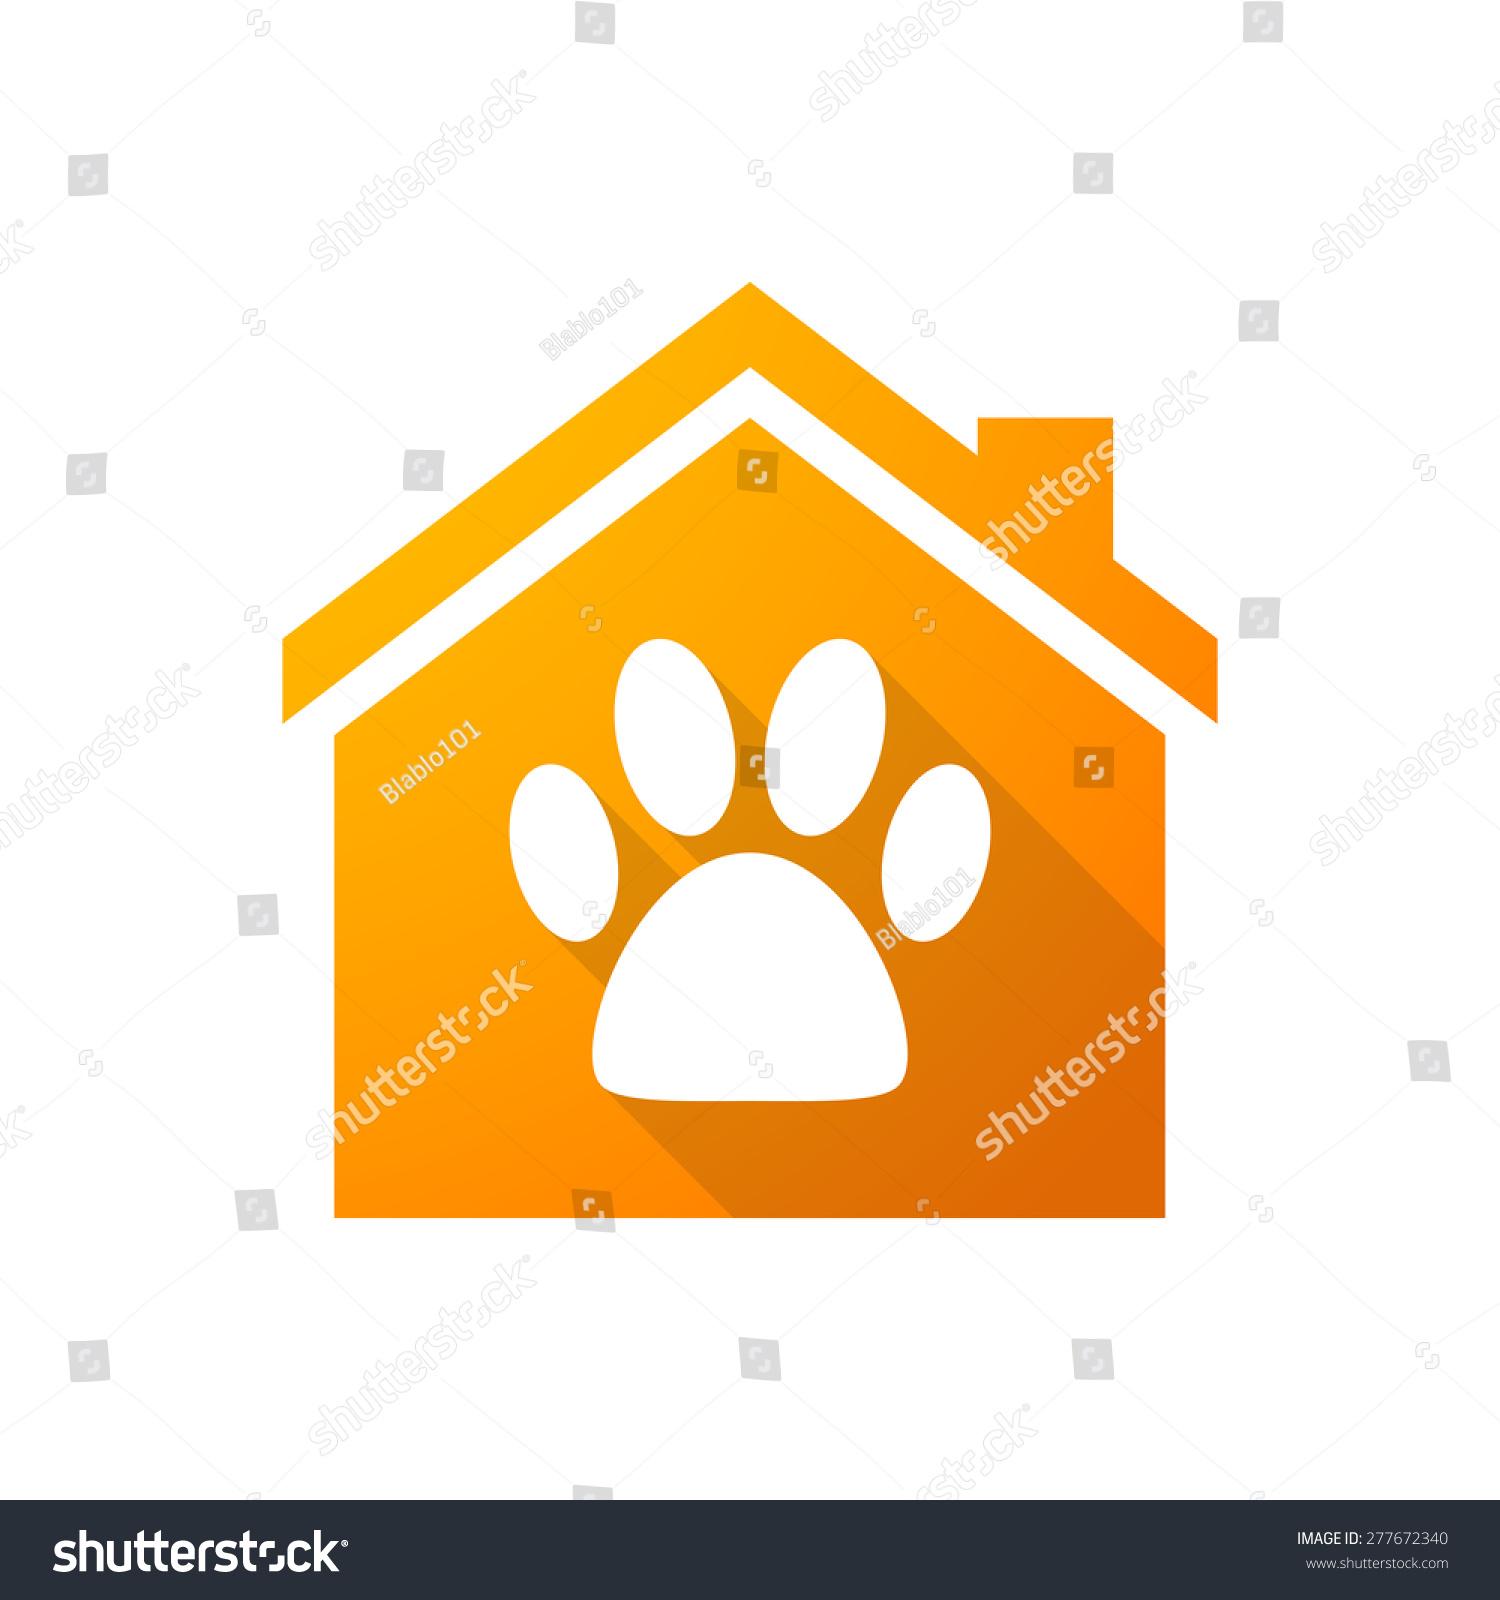 说明一个橙色的房子图标和一个动物的足迹-符号/标志